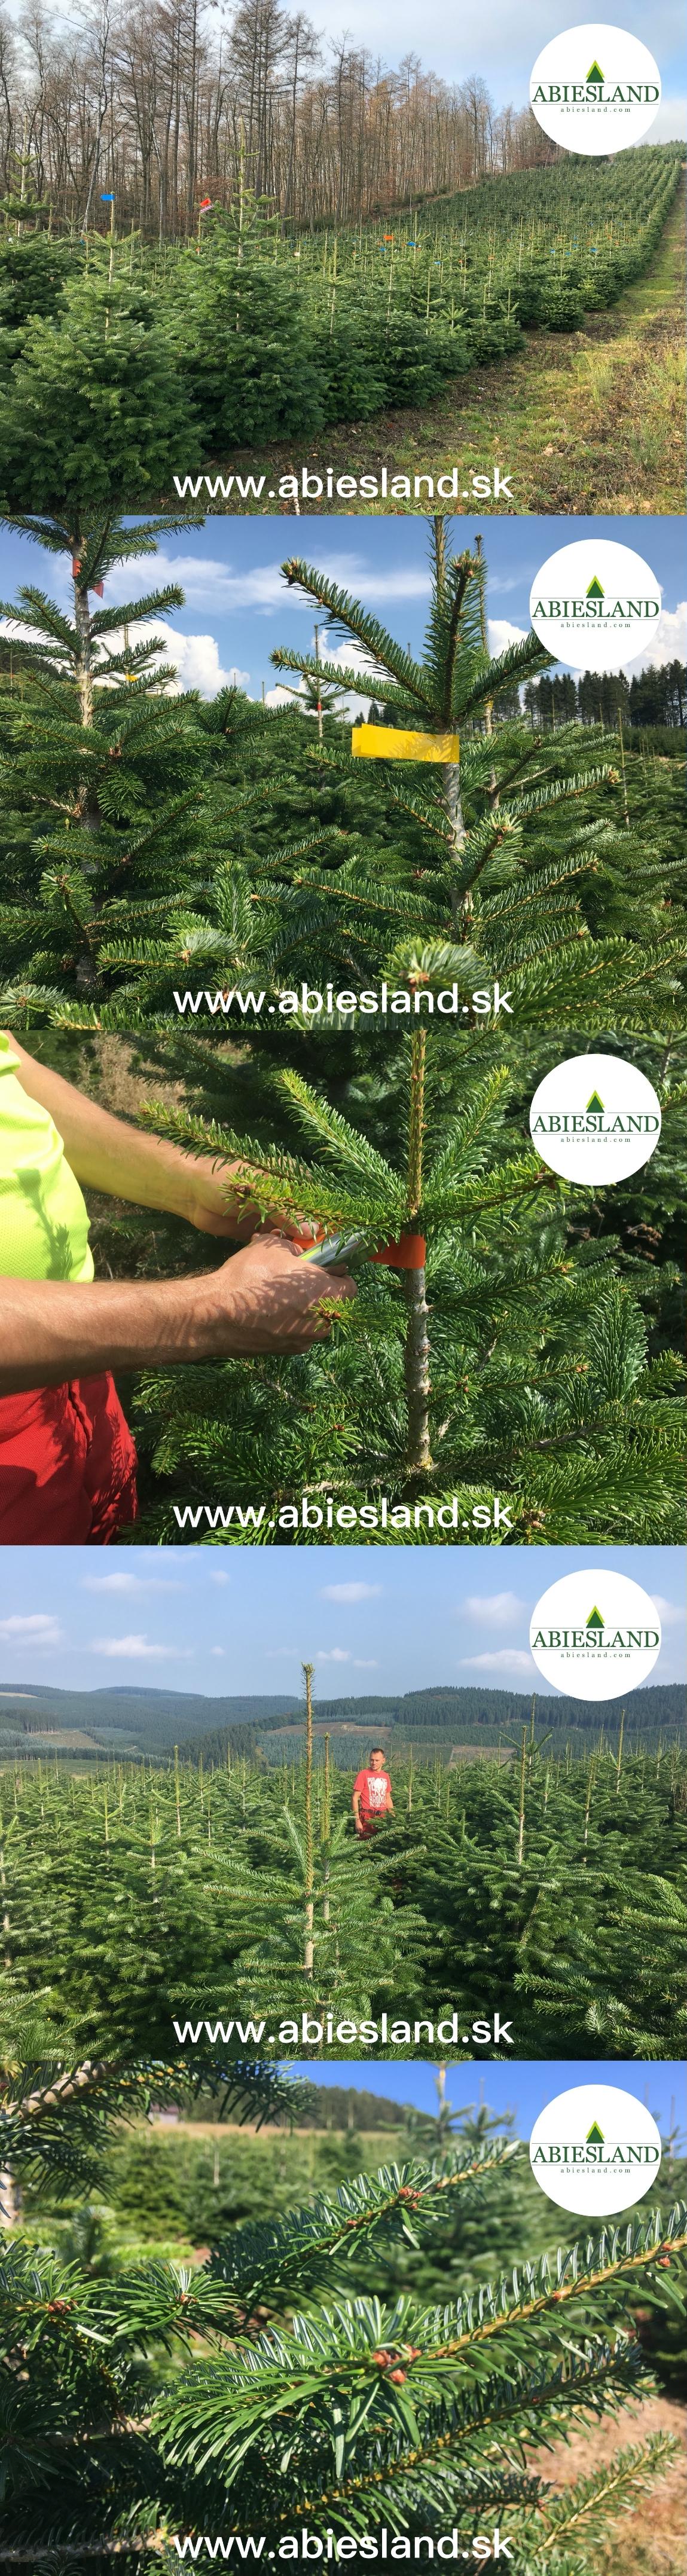 www-abiesland-sk.jpg